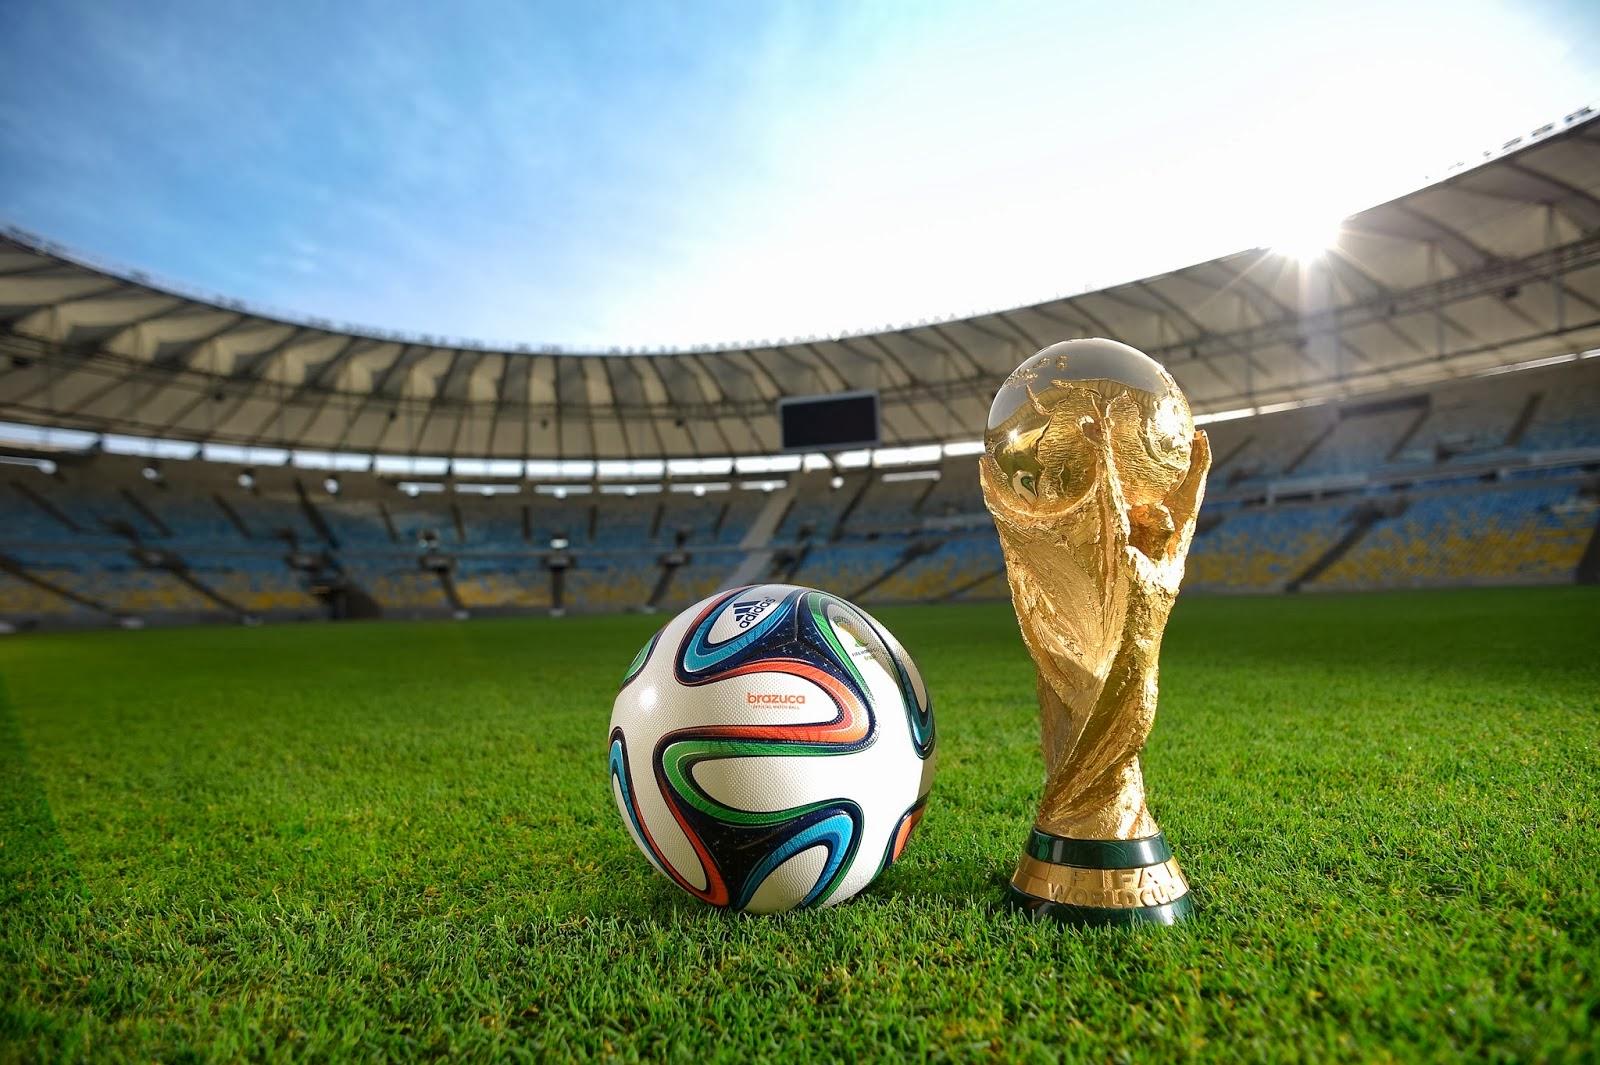 Menő cselek és trükkök a 2014 FIFA World Cup Brazil játékban